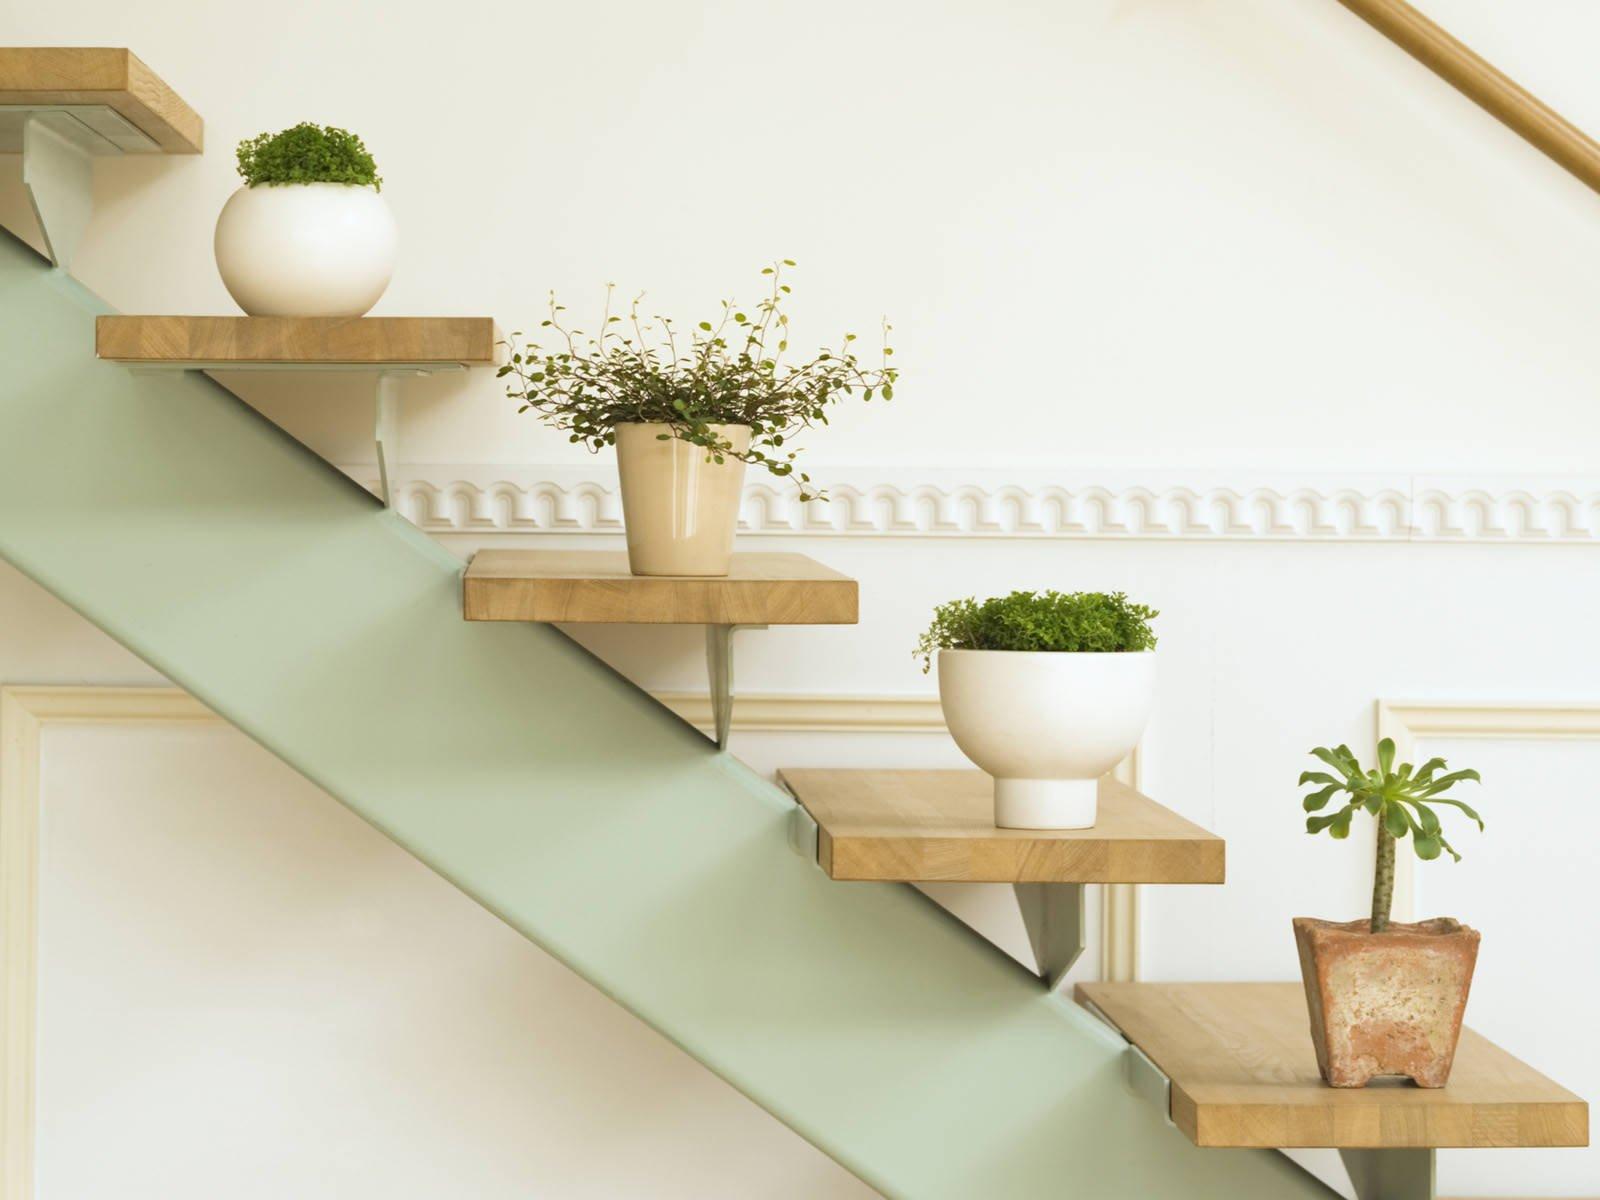 Искусственные цветы: новая нотка в интерьере жилого помещения или офиса